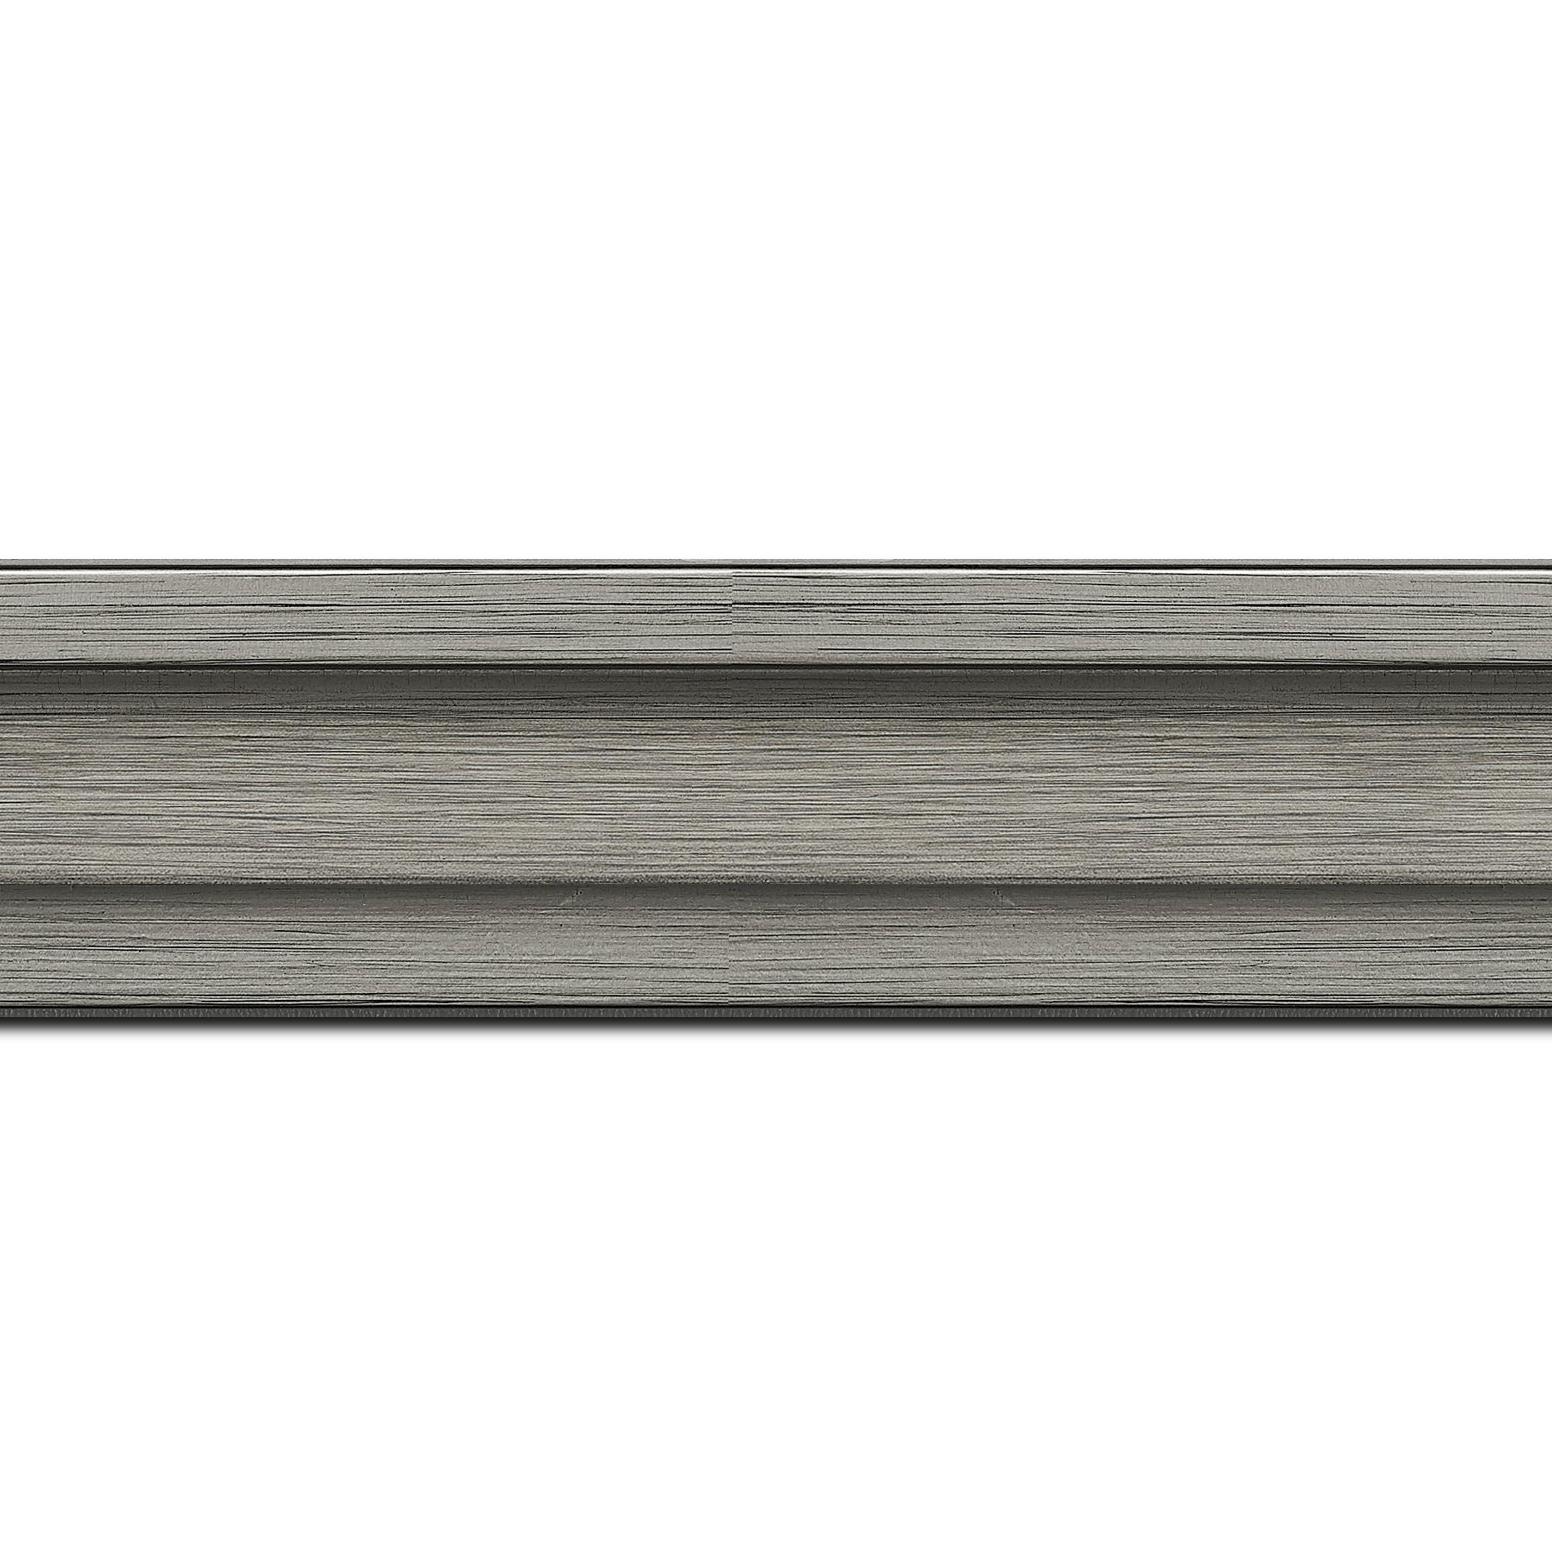 Baguette longueur 1.40m bois caisse américaine profil escalier largeur 4.4cm couleur plomb (spécialement conçu pour les châssis d'une épaisseur jusqu'à 2.5cm )